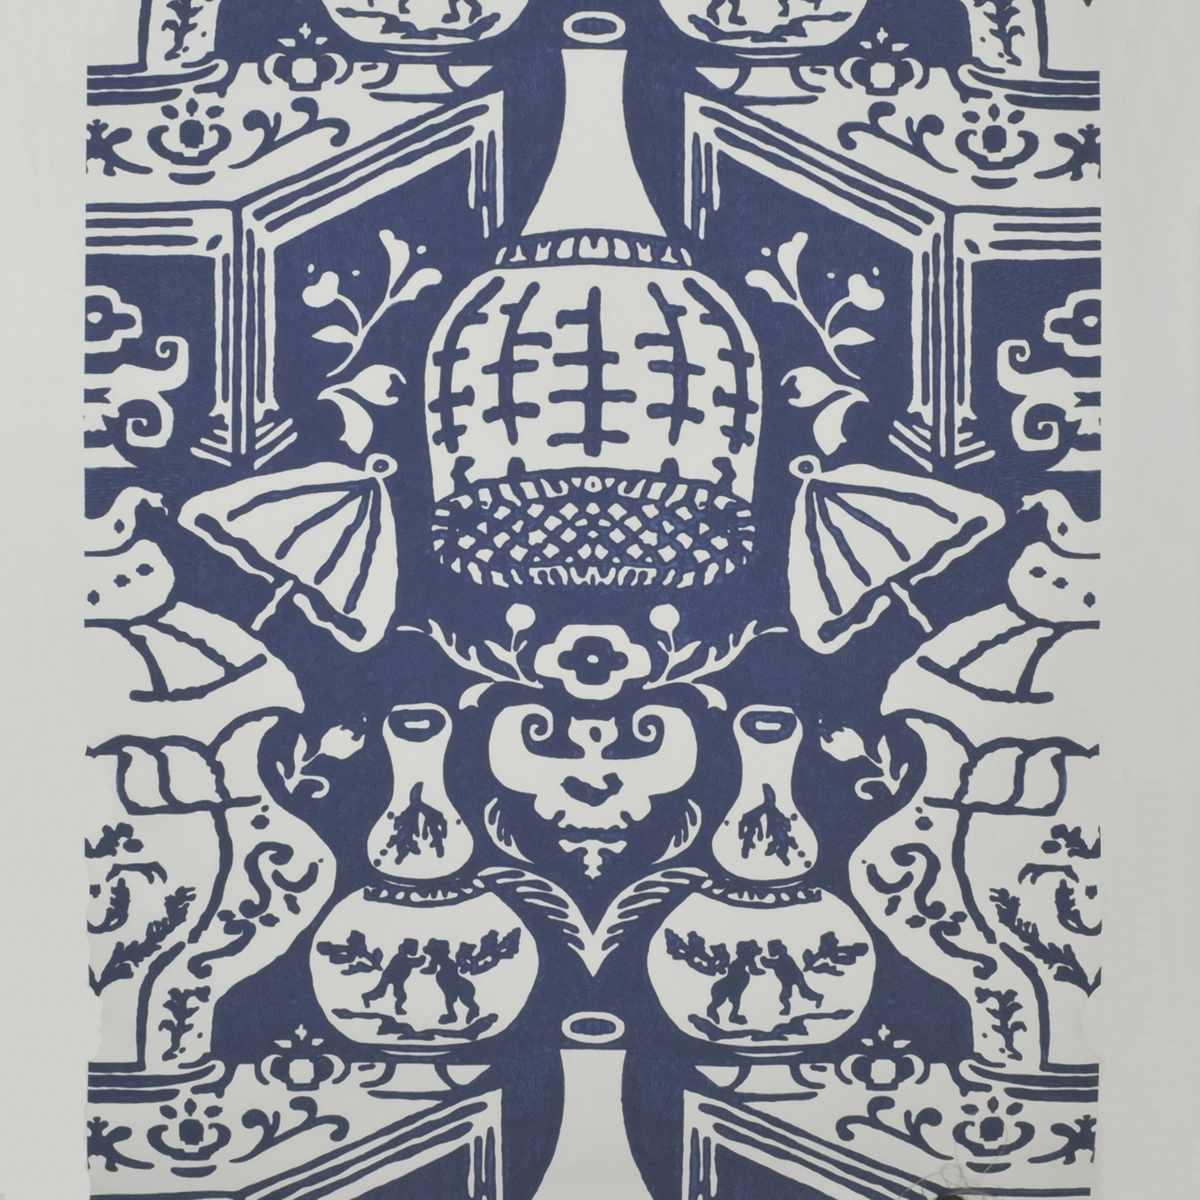 The Vase Blue / White